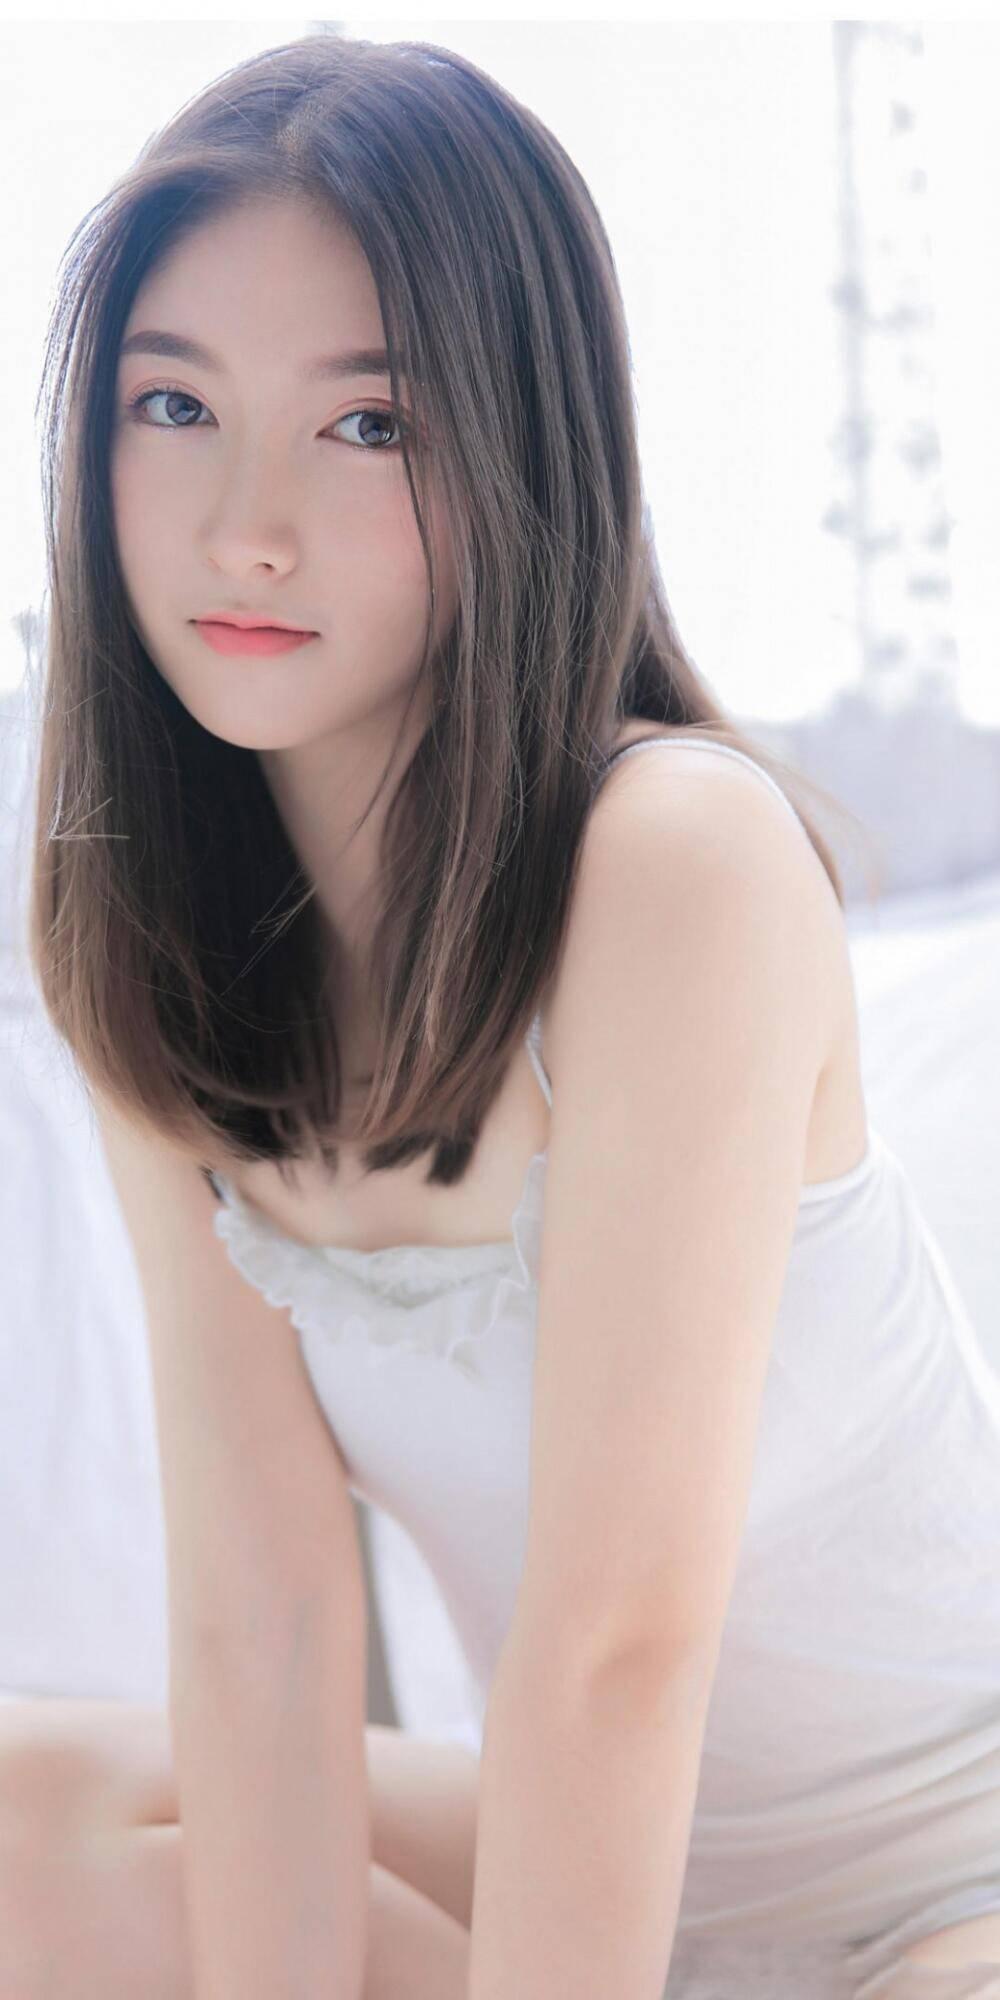 清纯美少女写真集,长发美女俏丽养眼写真